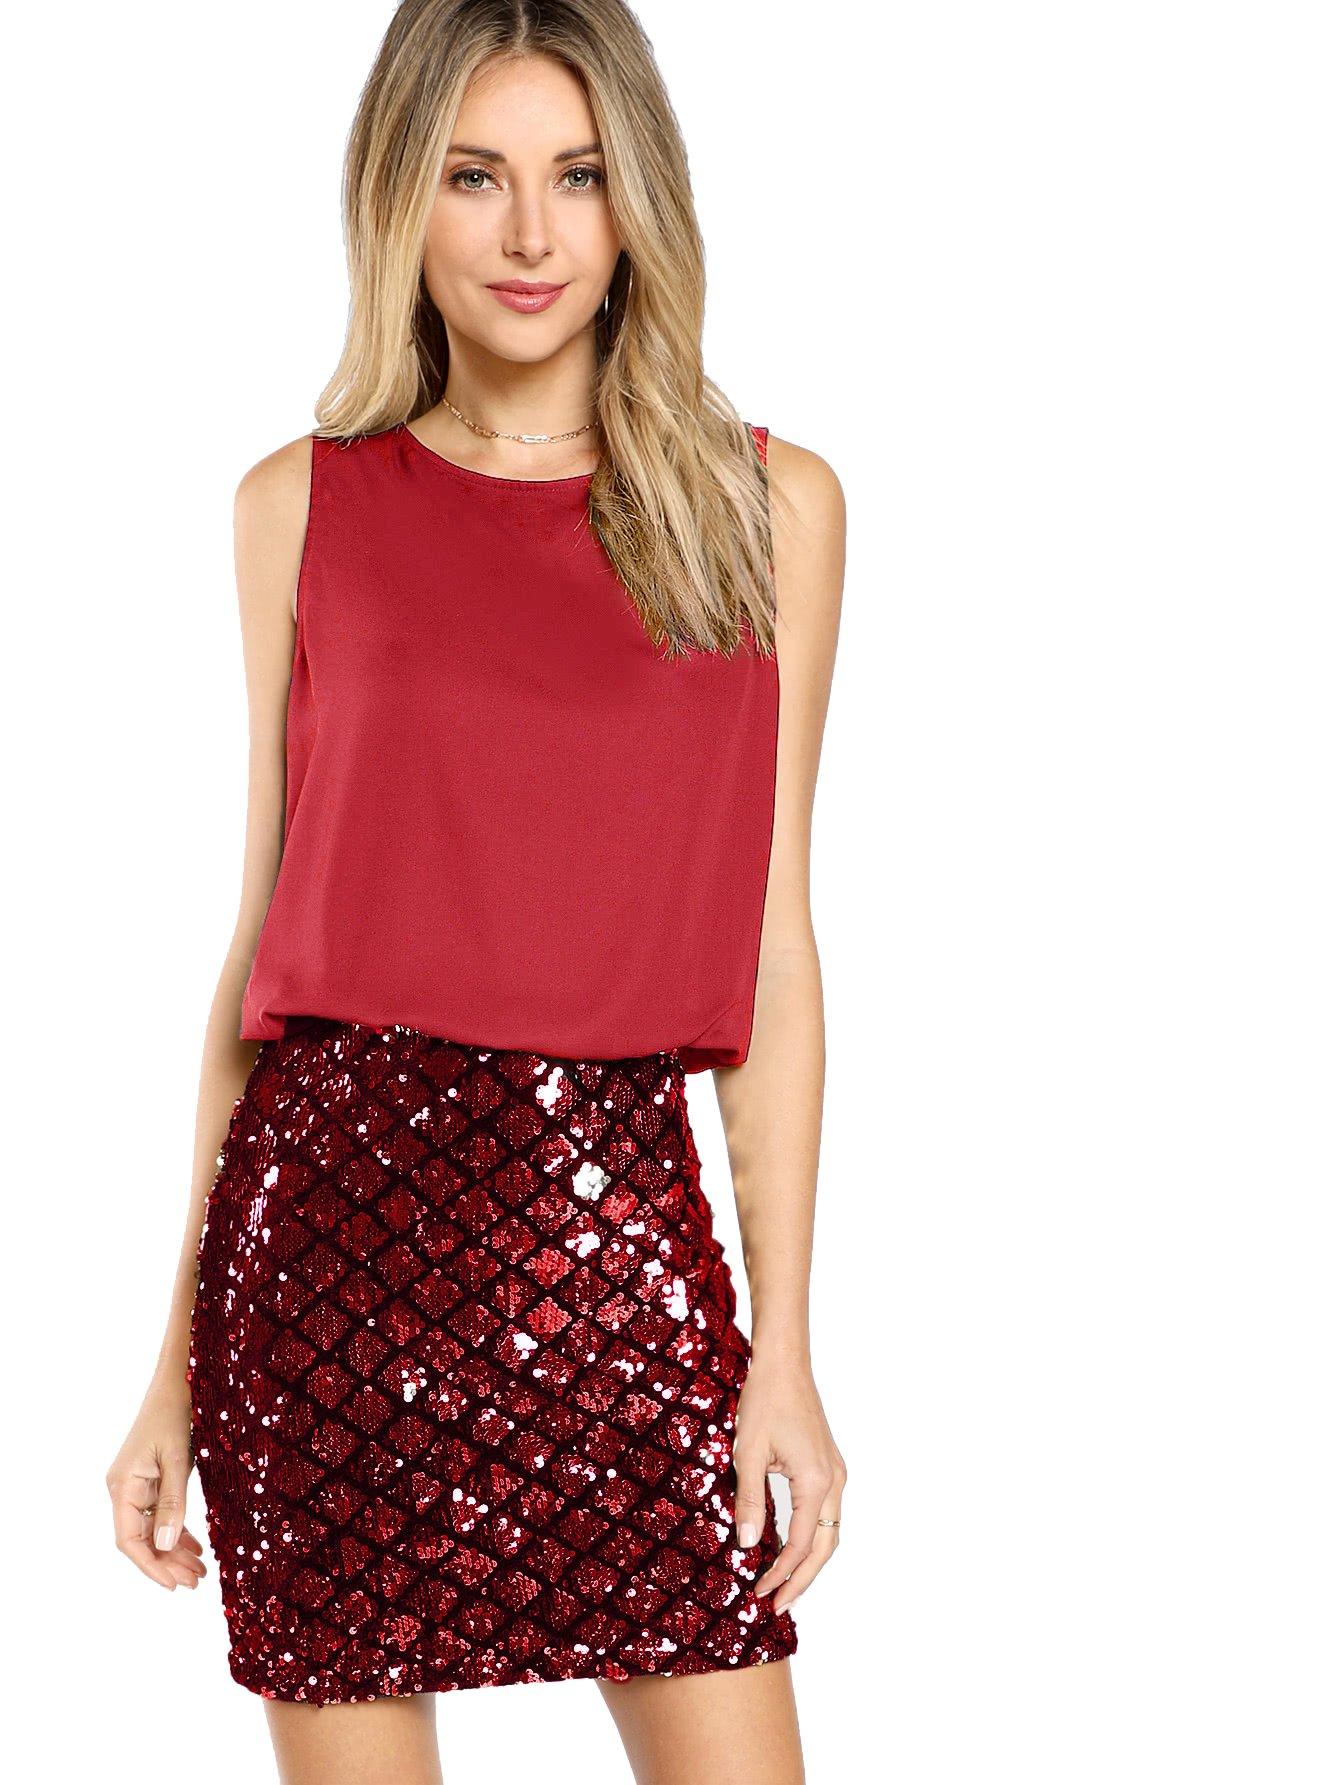 Red Dress - Fishtail Dresses For Women Midi Bodycon Dress Long Sleeve V Neck Cocktail Dress